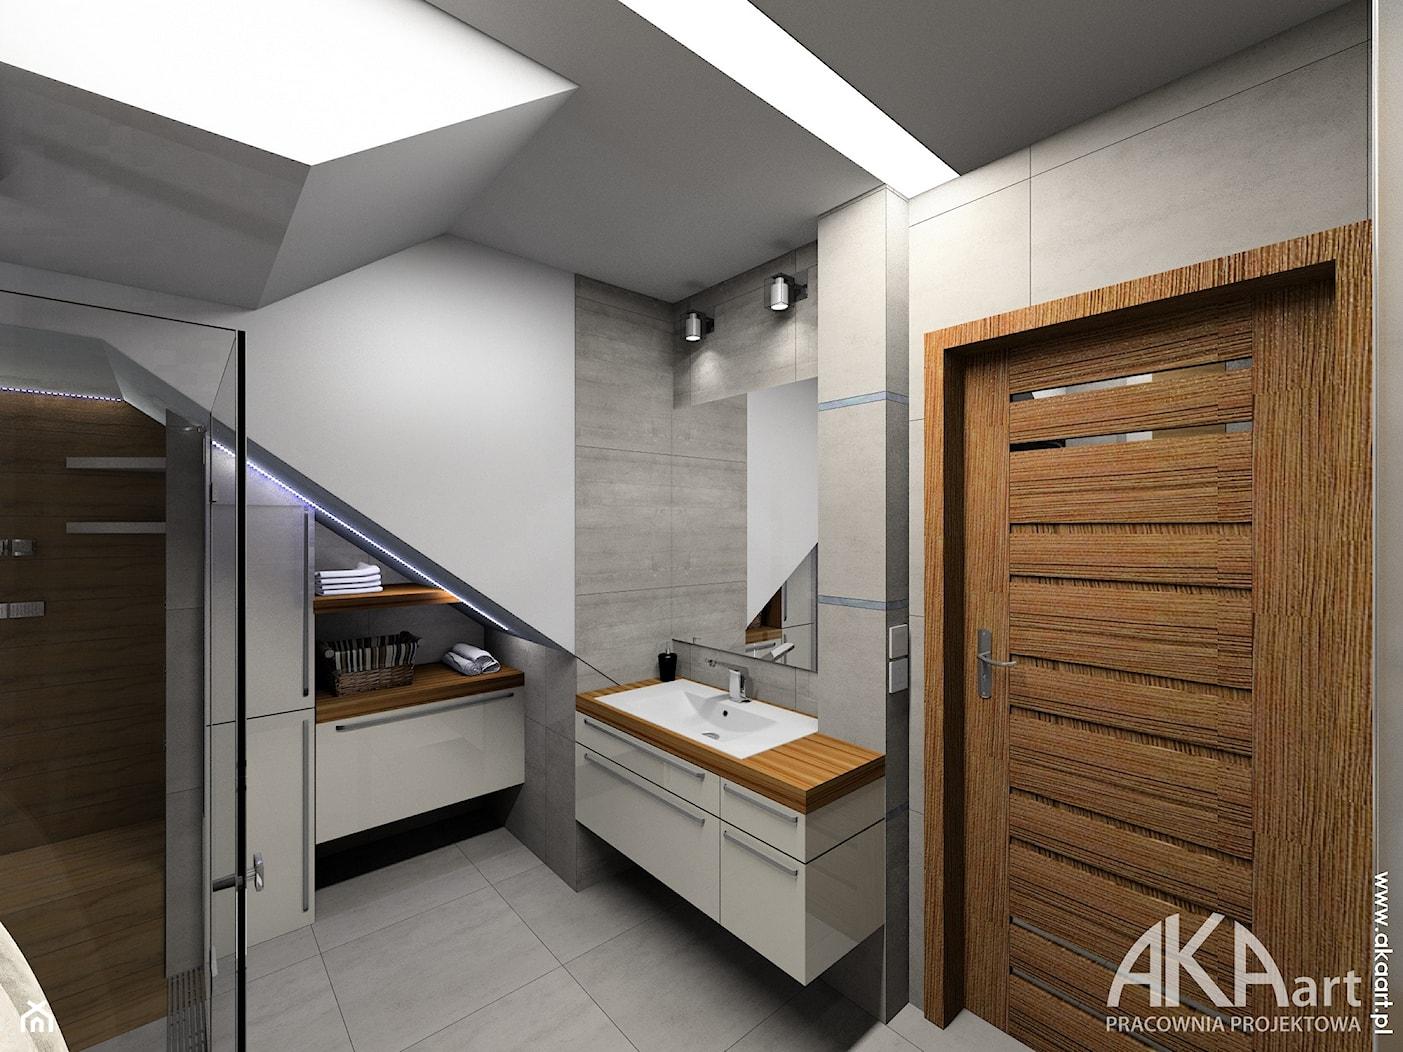 Aranżacja łazienki Kraków wersja 2 - Łazienka, styl nowoczesny - zdjęcie od AKAart Pracownia Projektowa - Homebook